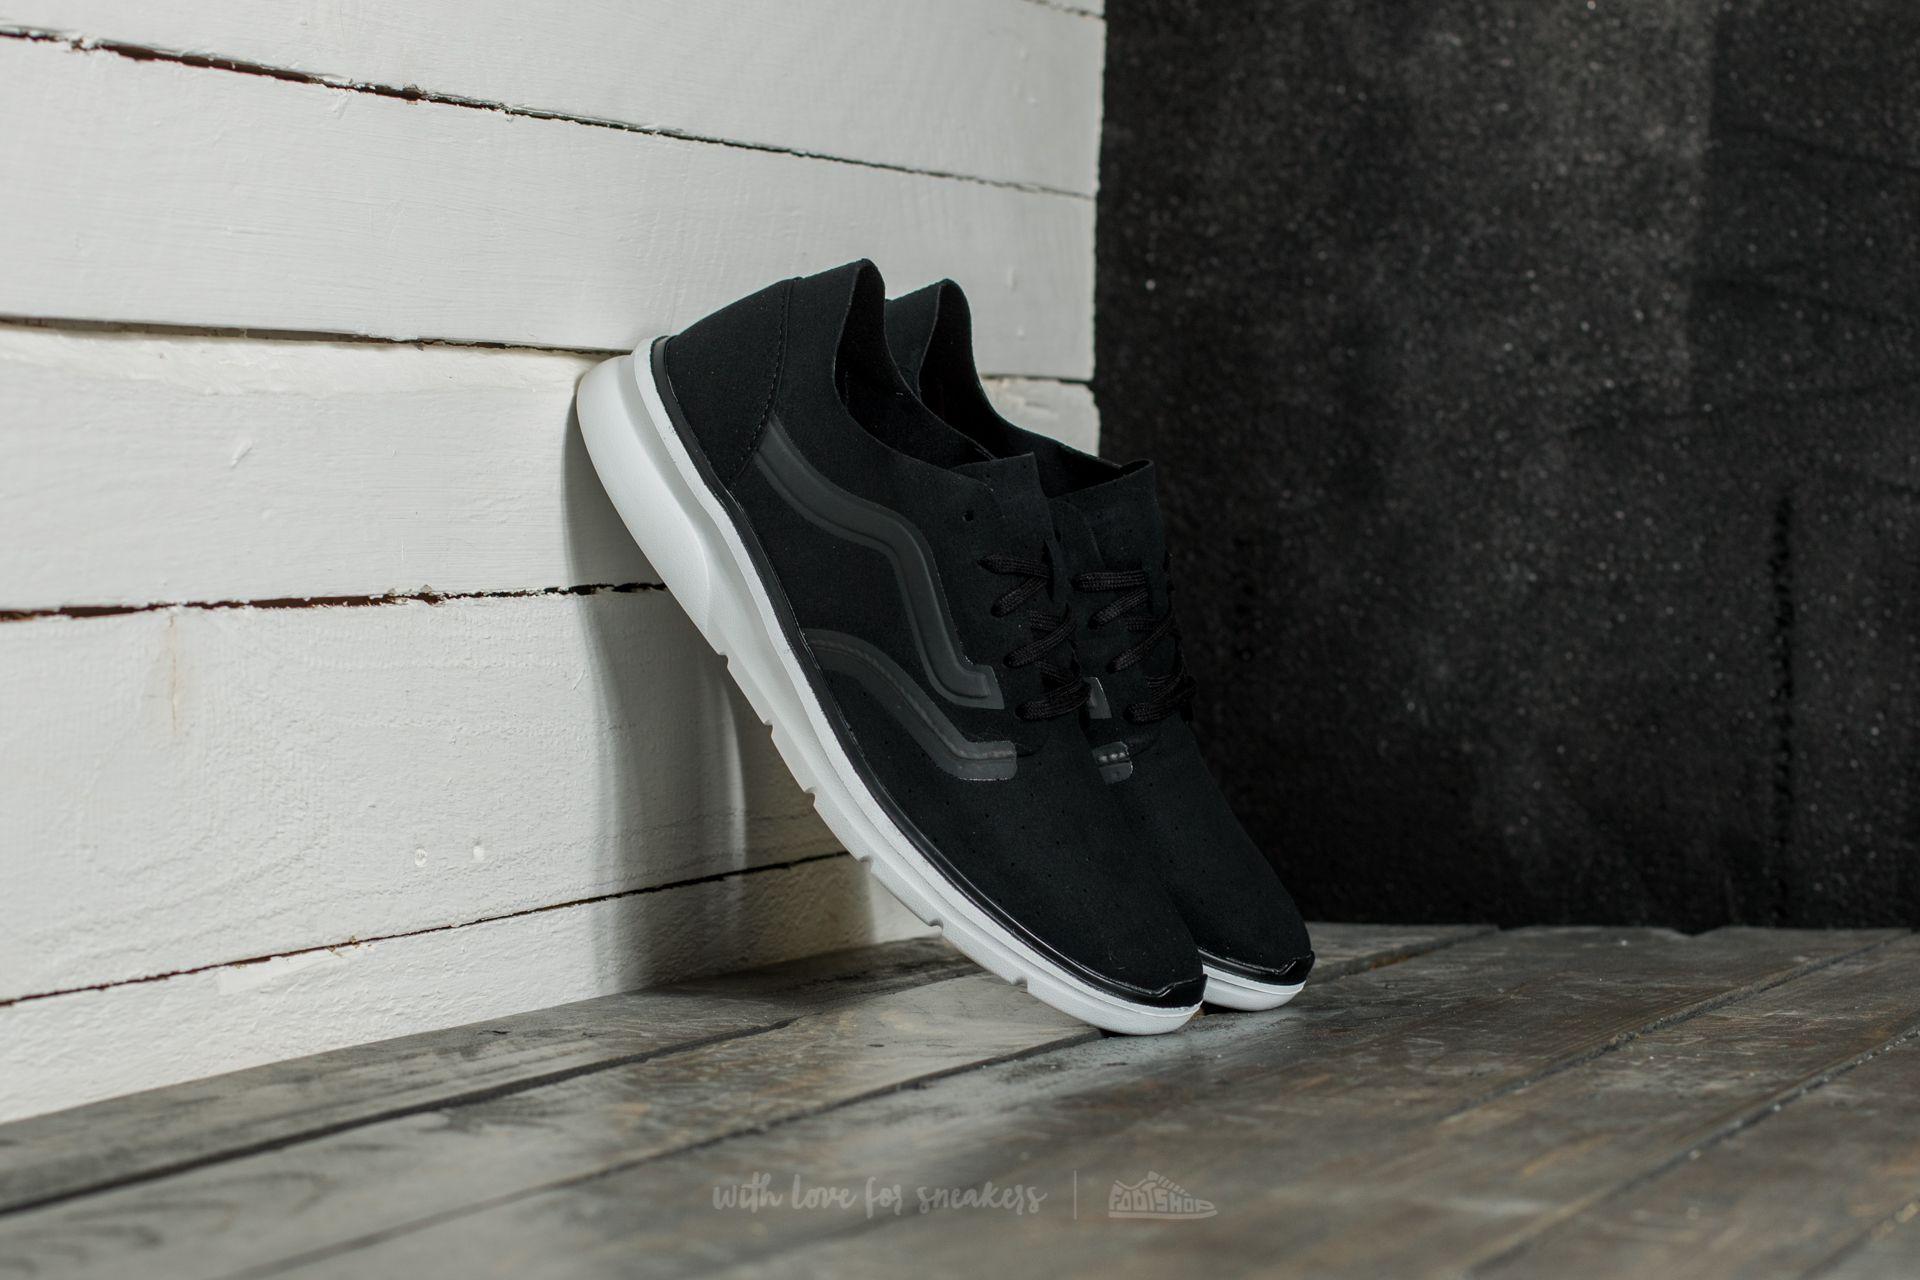 c1c1a821f8e05 Vans Iso 2 Rapidweld (Perf) Black/ White   Footshop